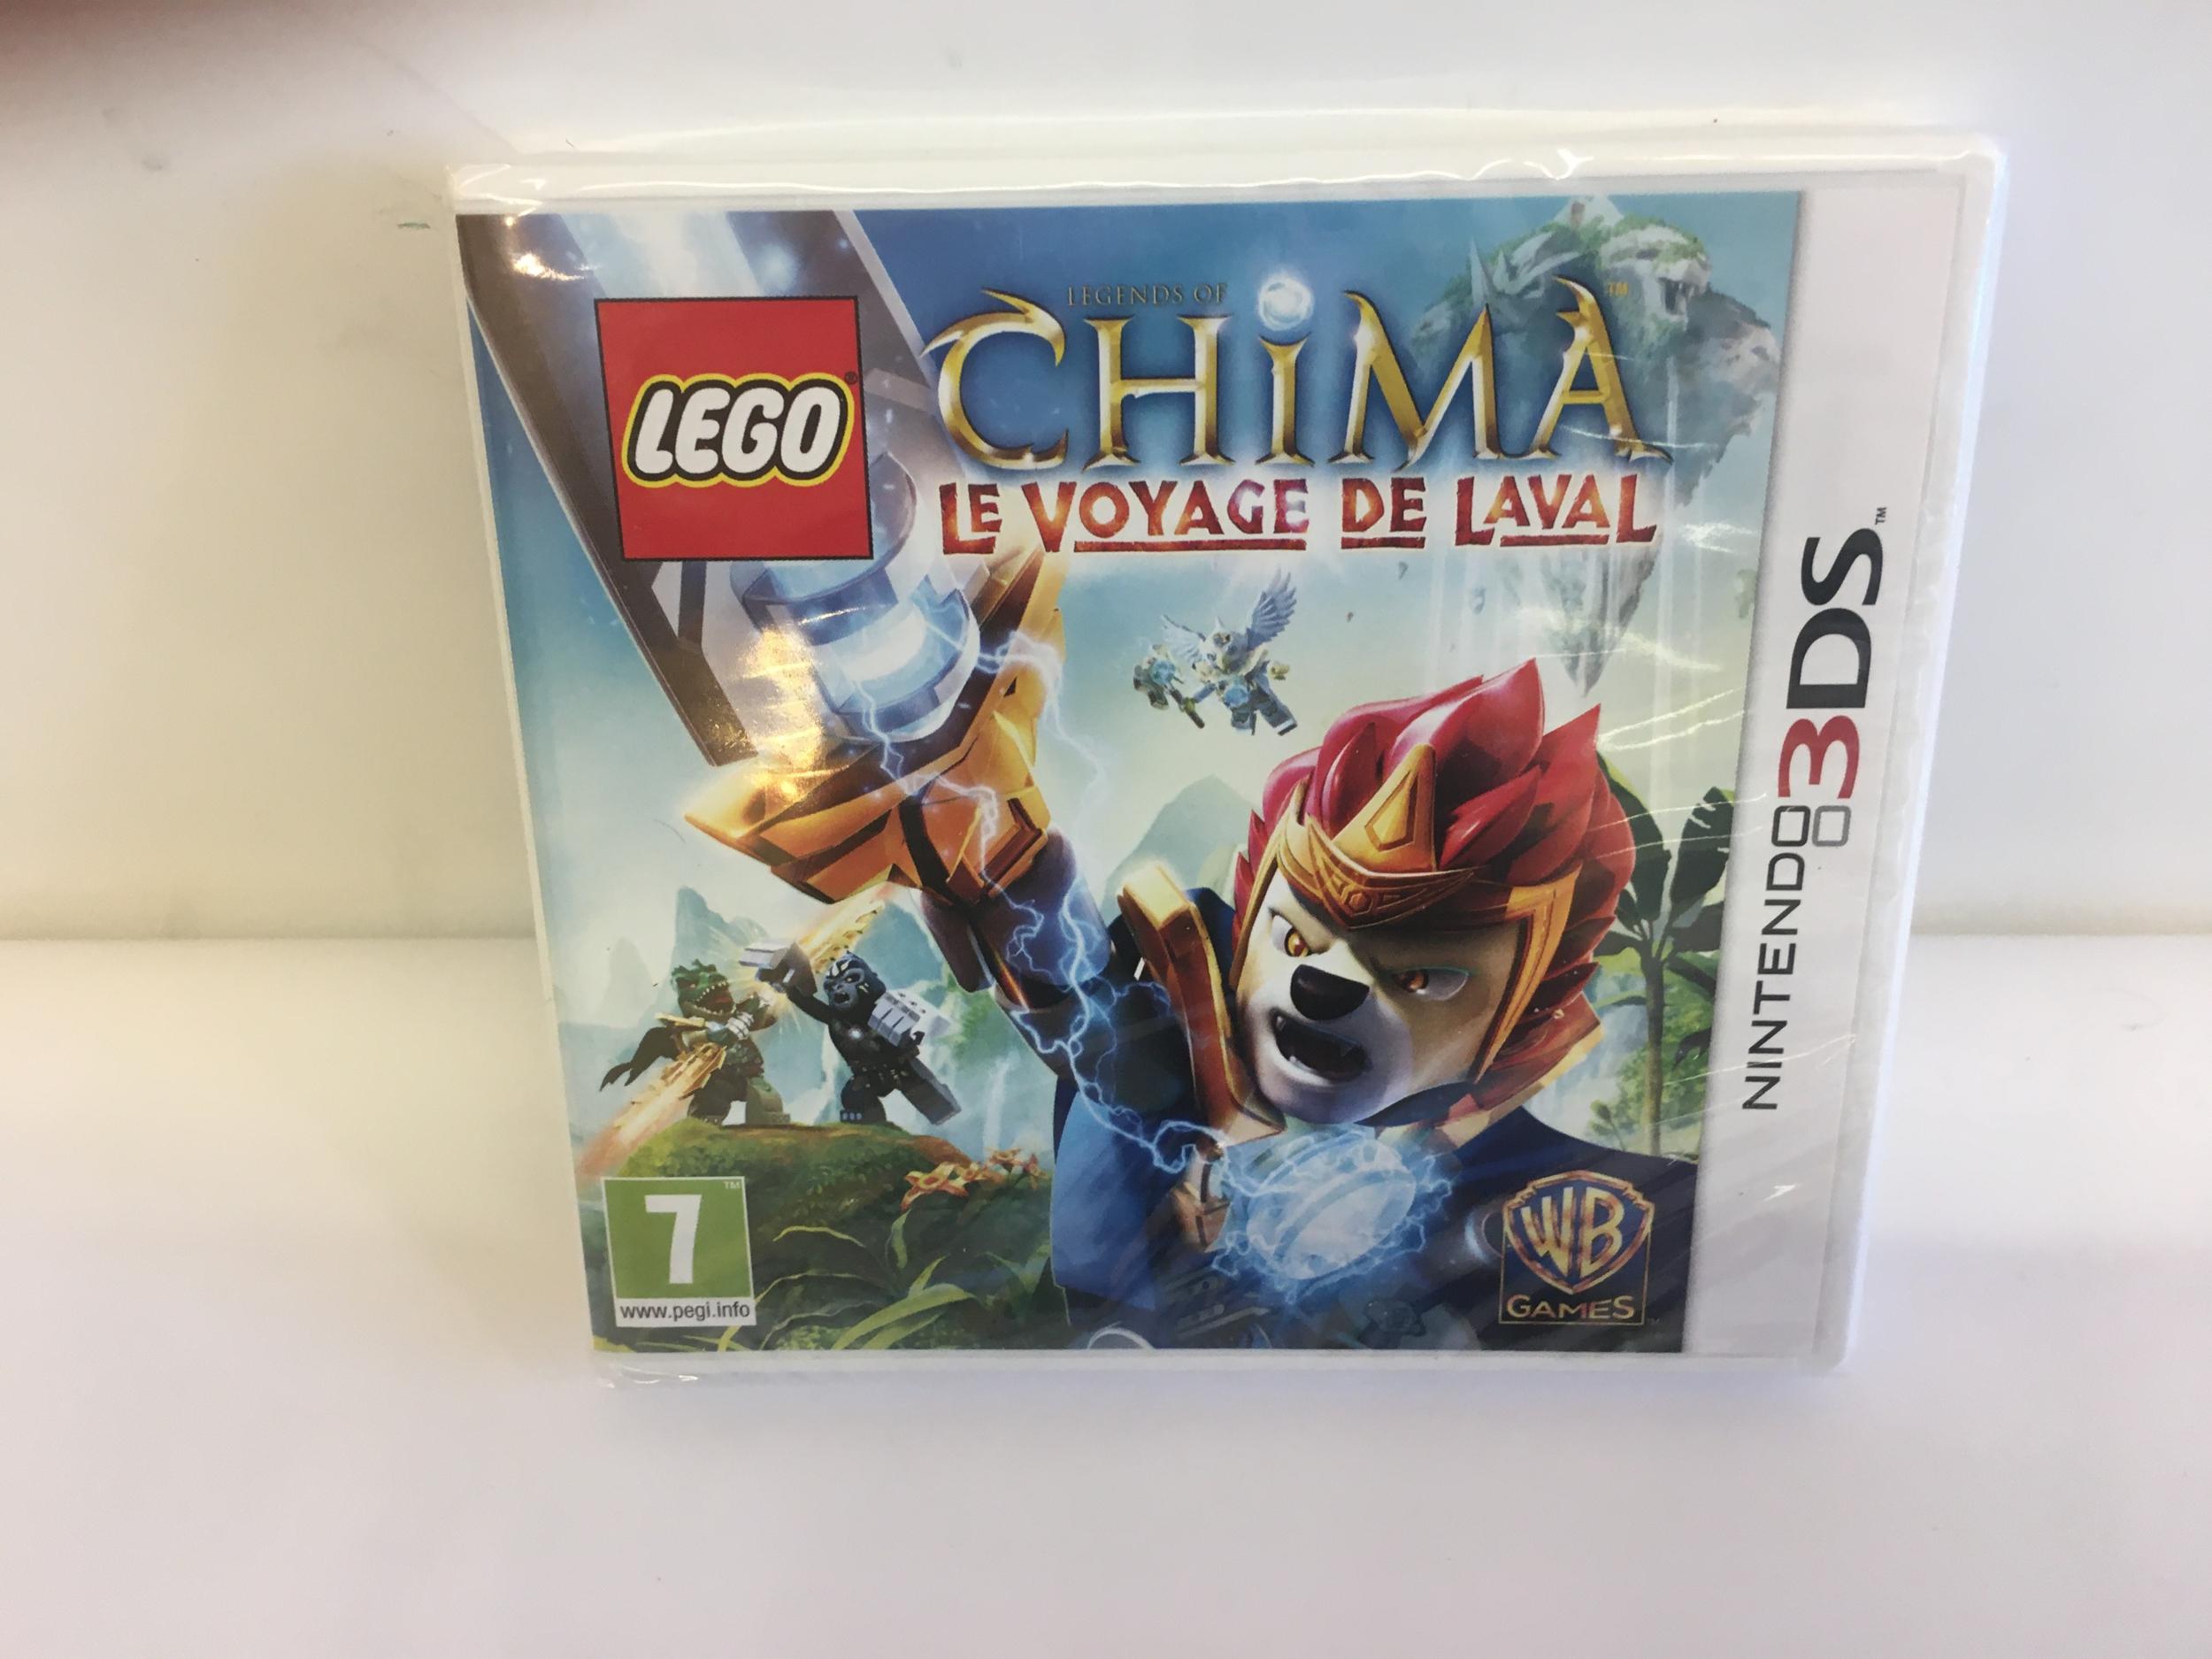 Legends of Chima : Le voyage de Laval 3DS